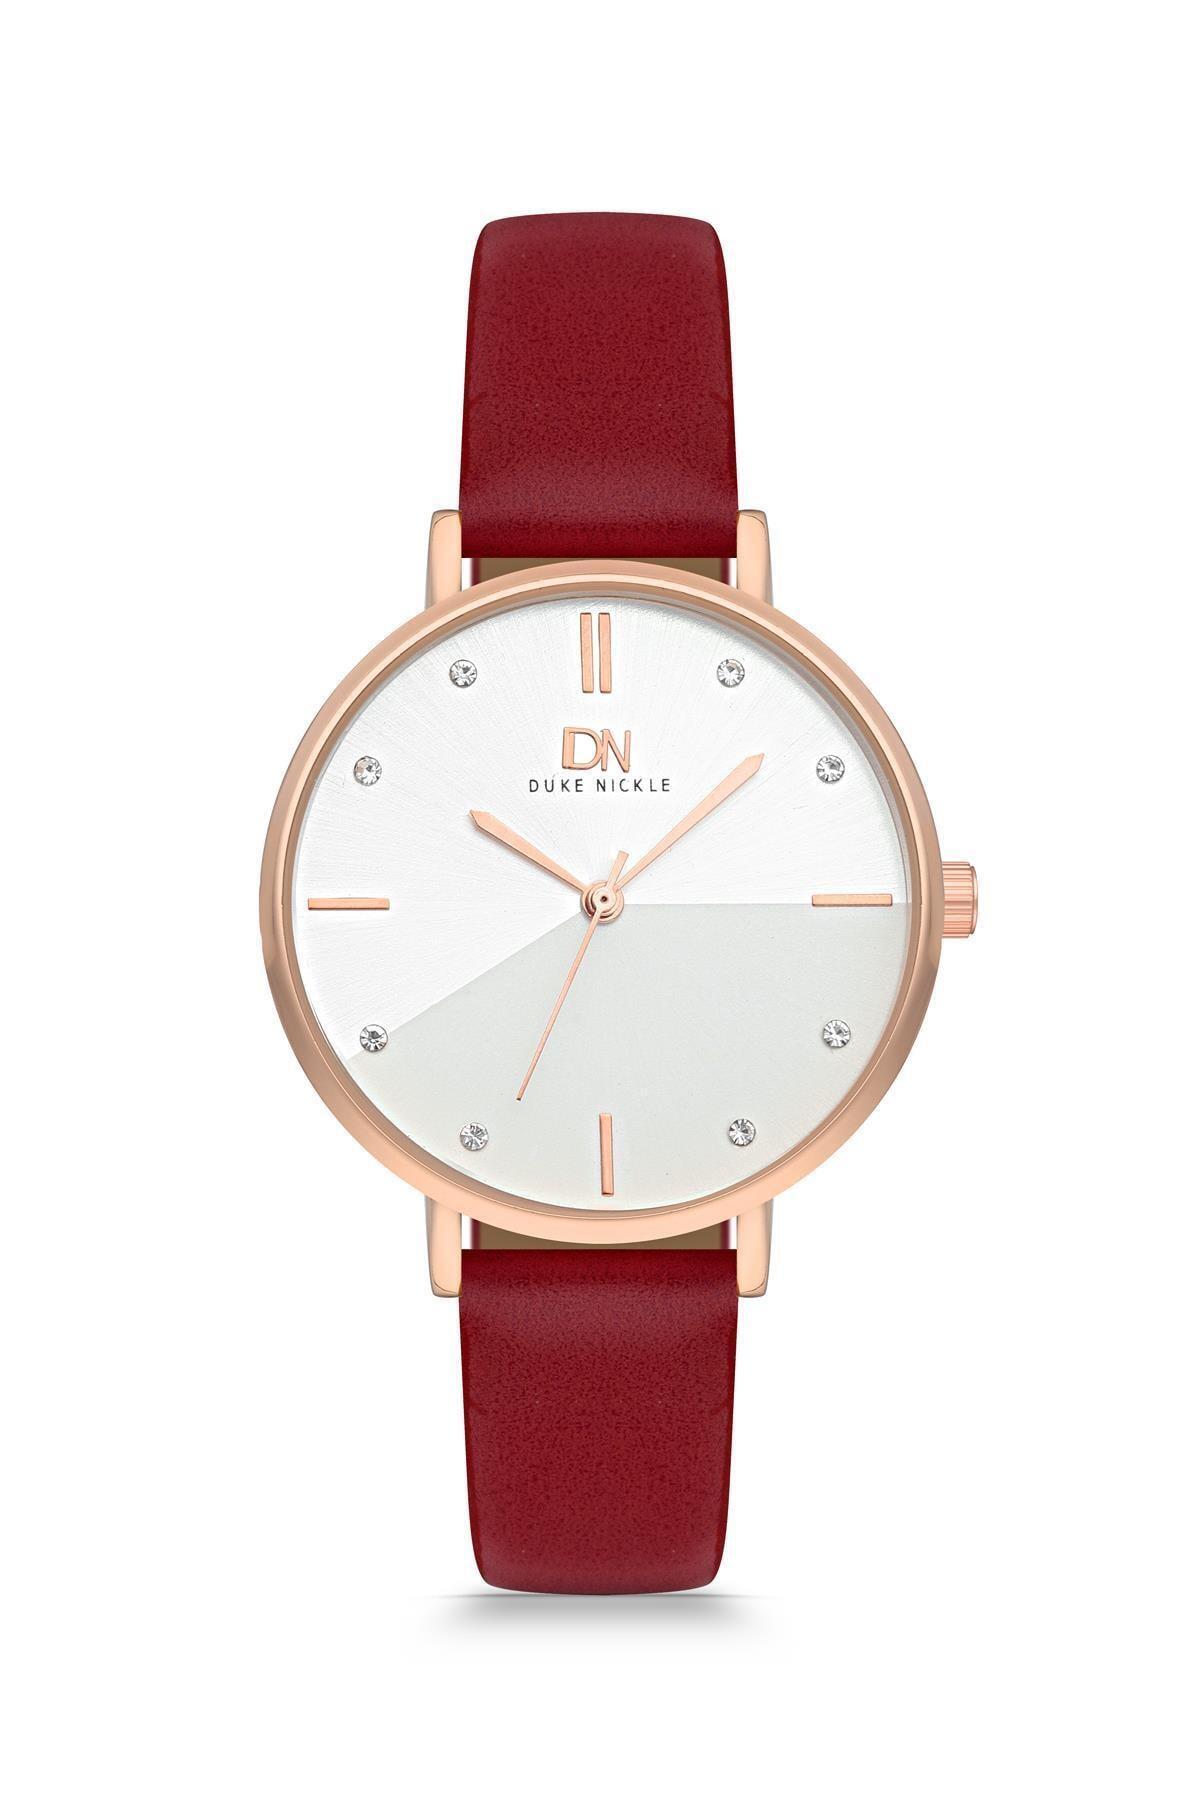 Duke Nickle Dba1022 Kadın Kol Saati Deri Kırmızı 2